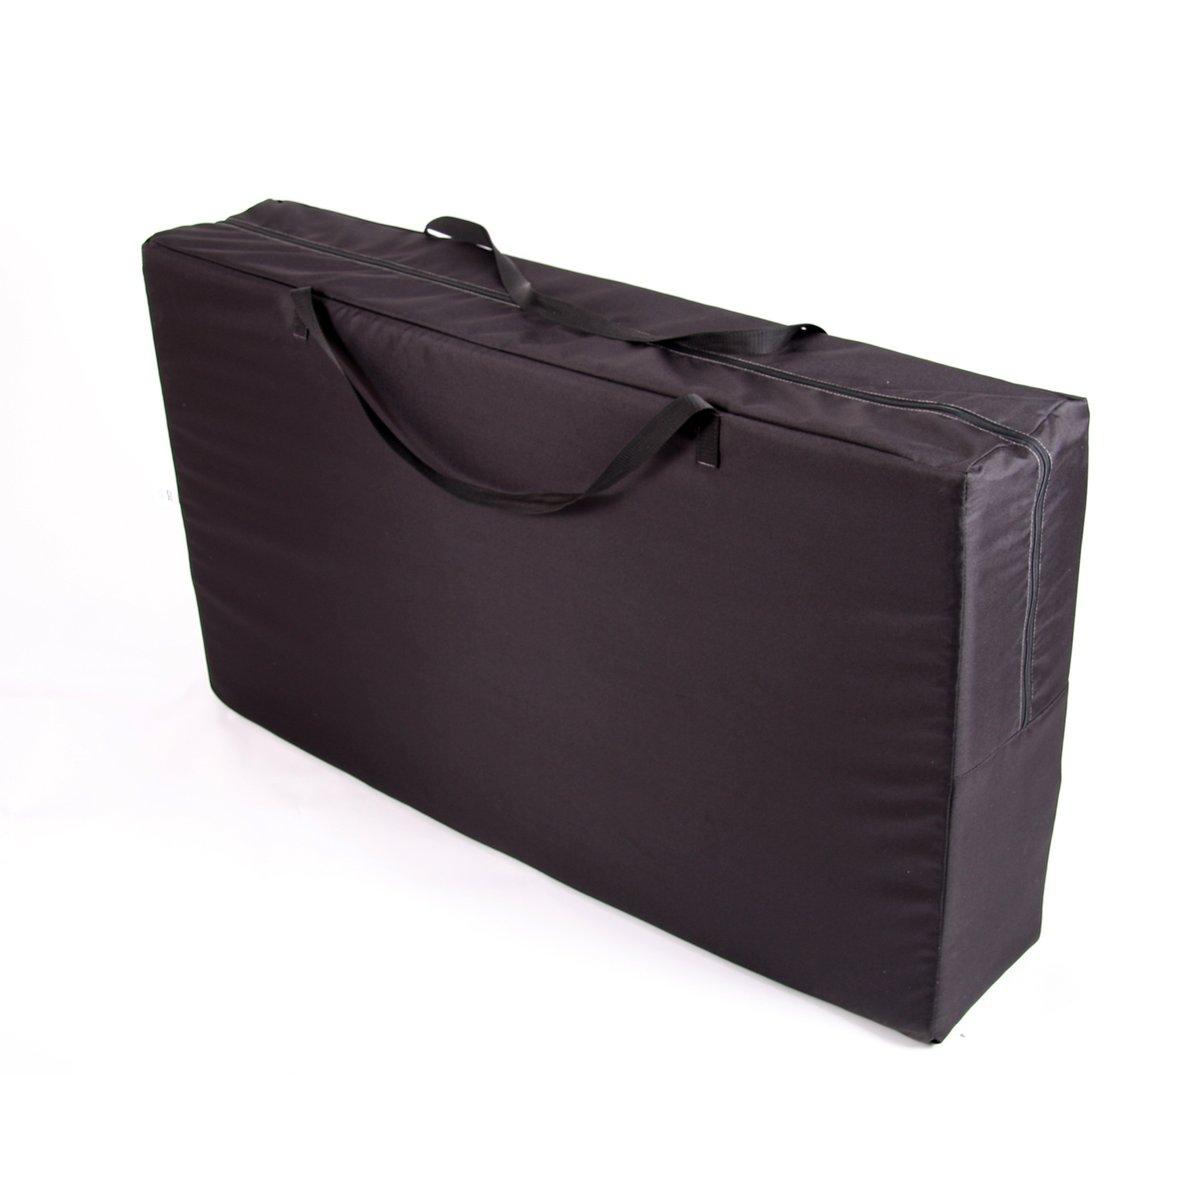 schlafauflage matratze klappmatratze bett vw t5 t6 california beach 2 149 90. Black Bedroom Furniture Sets. Home Design Ideas